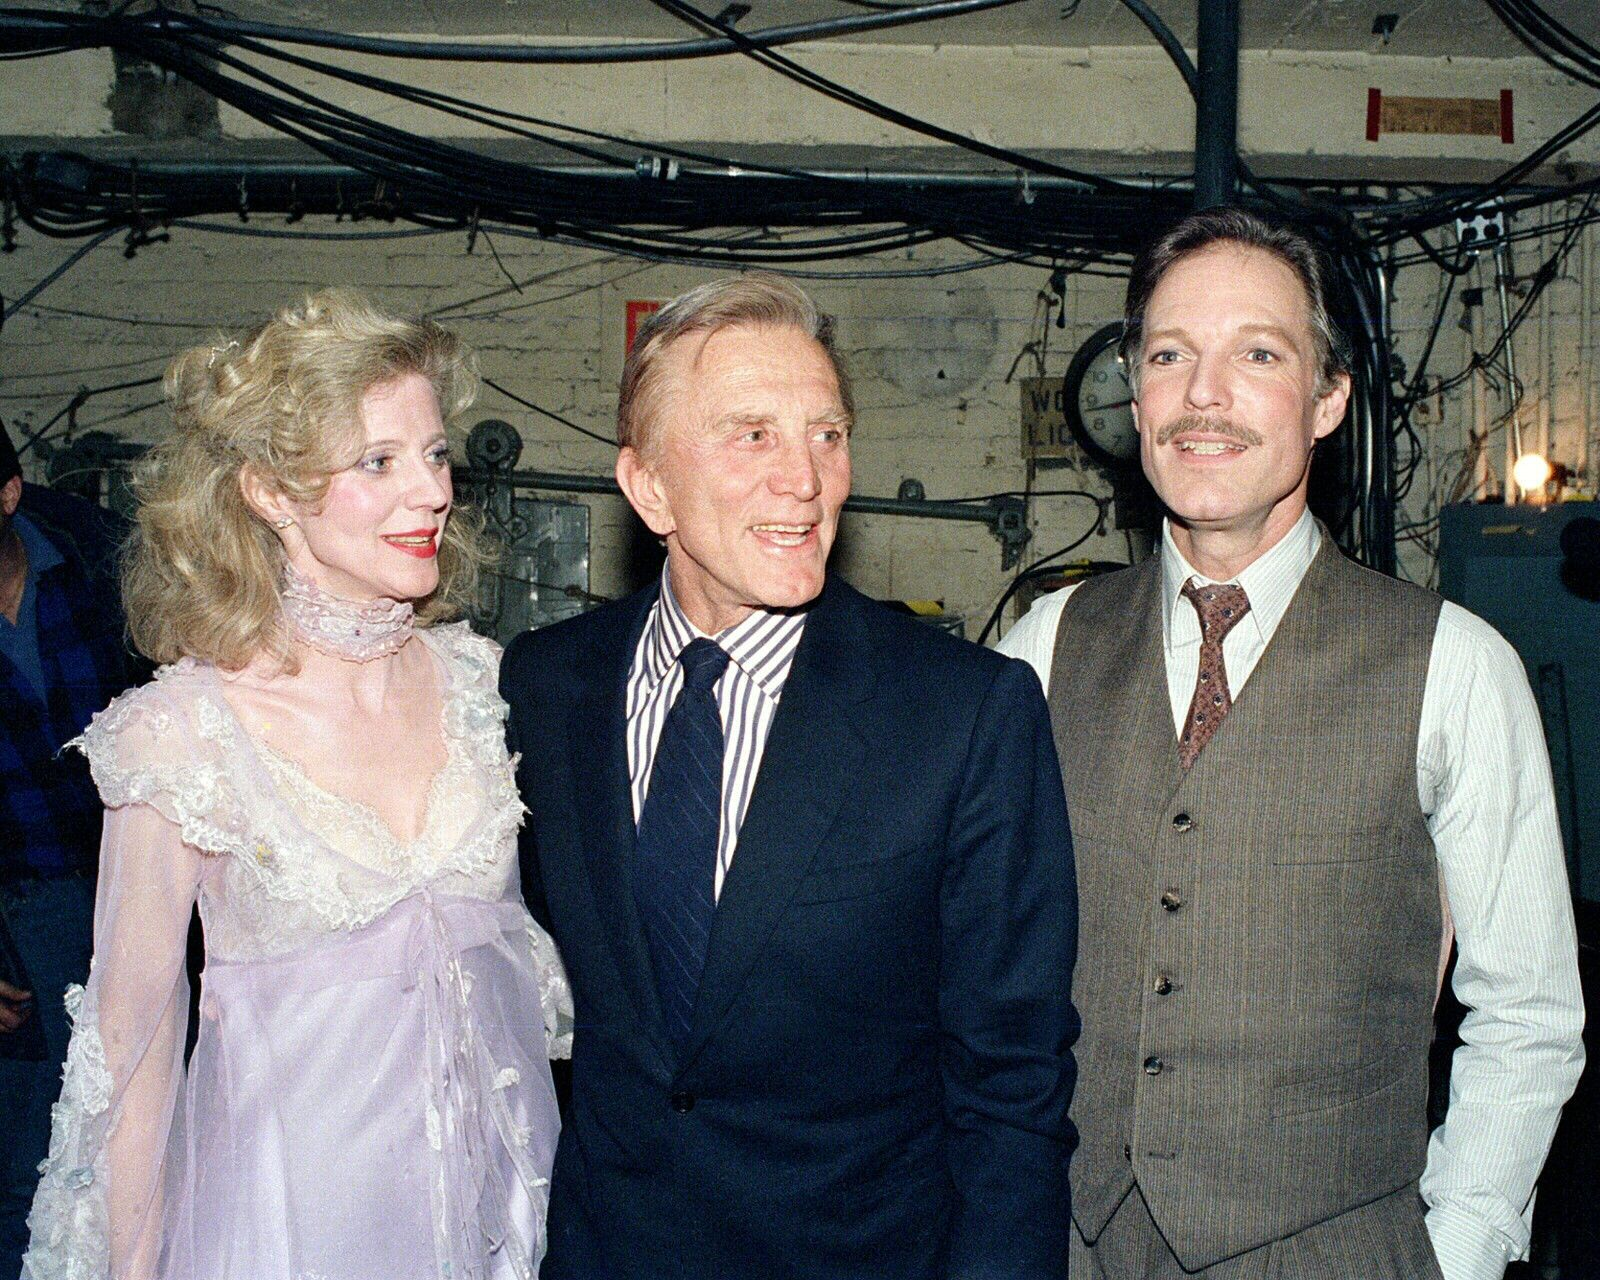 20 Mars, 1987: L'acteur Kirk Douglas, visite l'actrice Blythe Danner et Richard Chamberlain sur le plateau de: 'Blithe Spirit' au Neil Simon Theatre de New York .